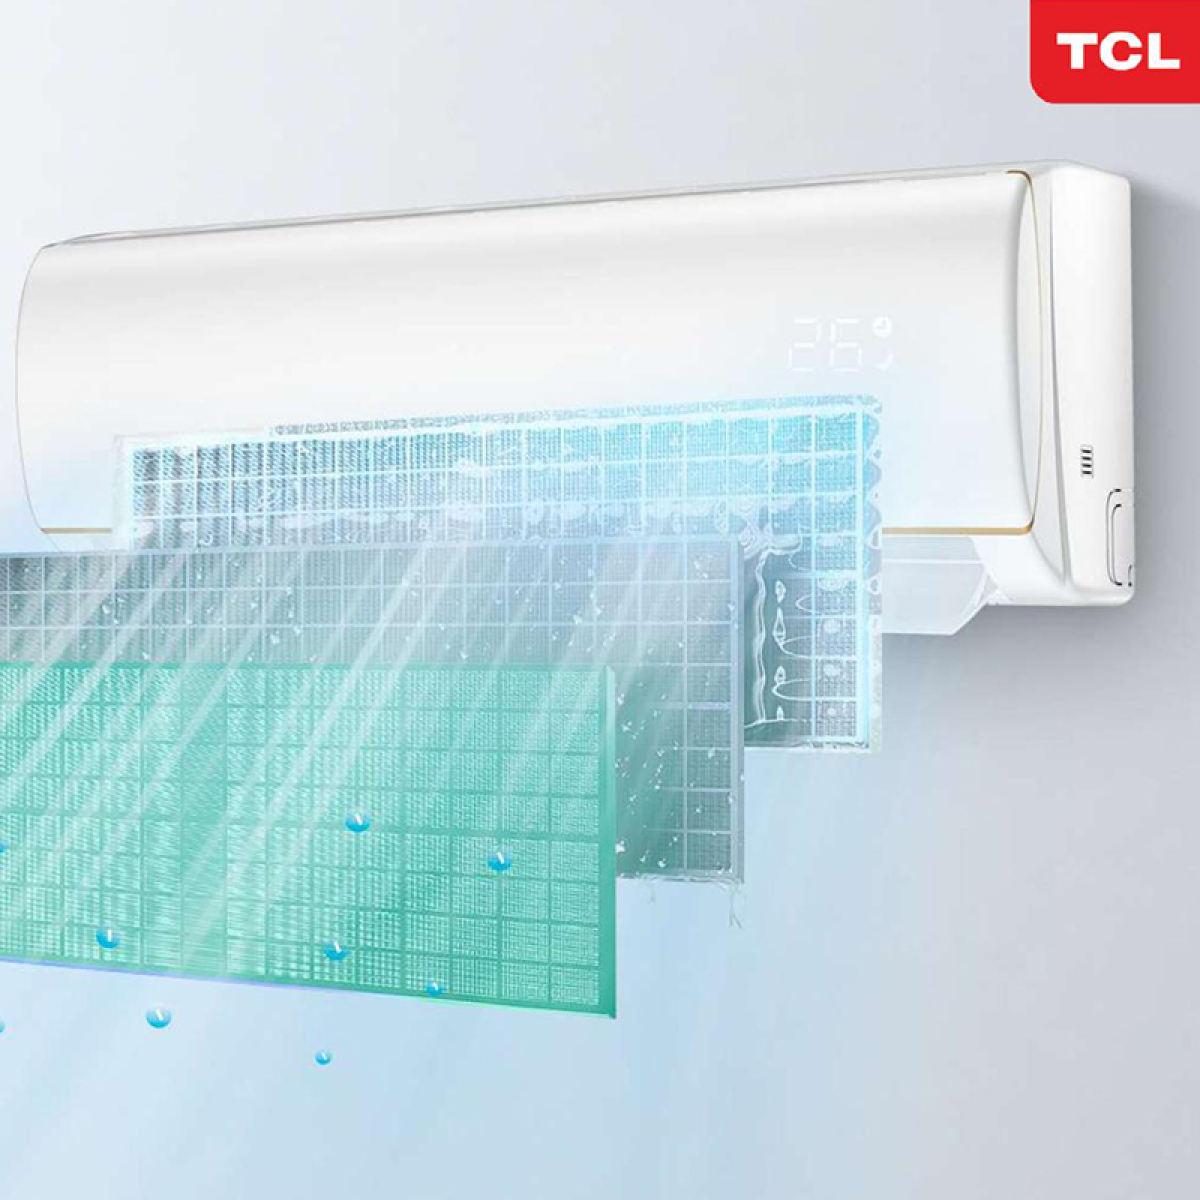 Máy lạnh Inverter TCL TAC-10CSD/XA66-WIFI - 1 HP -10.000 BTU công nghệ Turbo - Hàng chính hãng